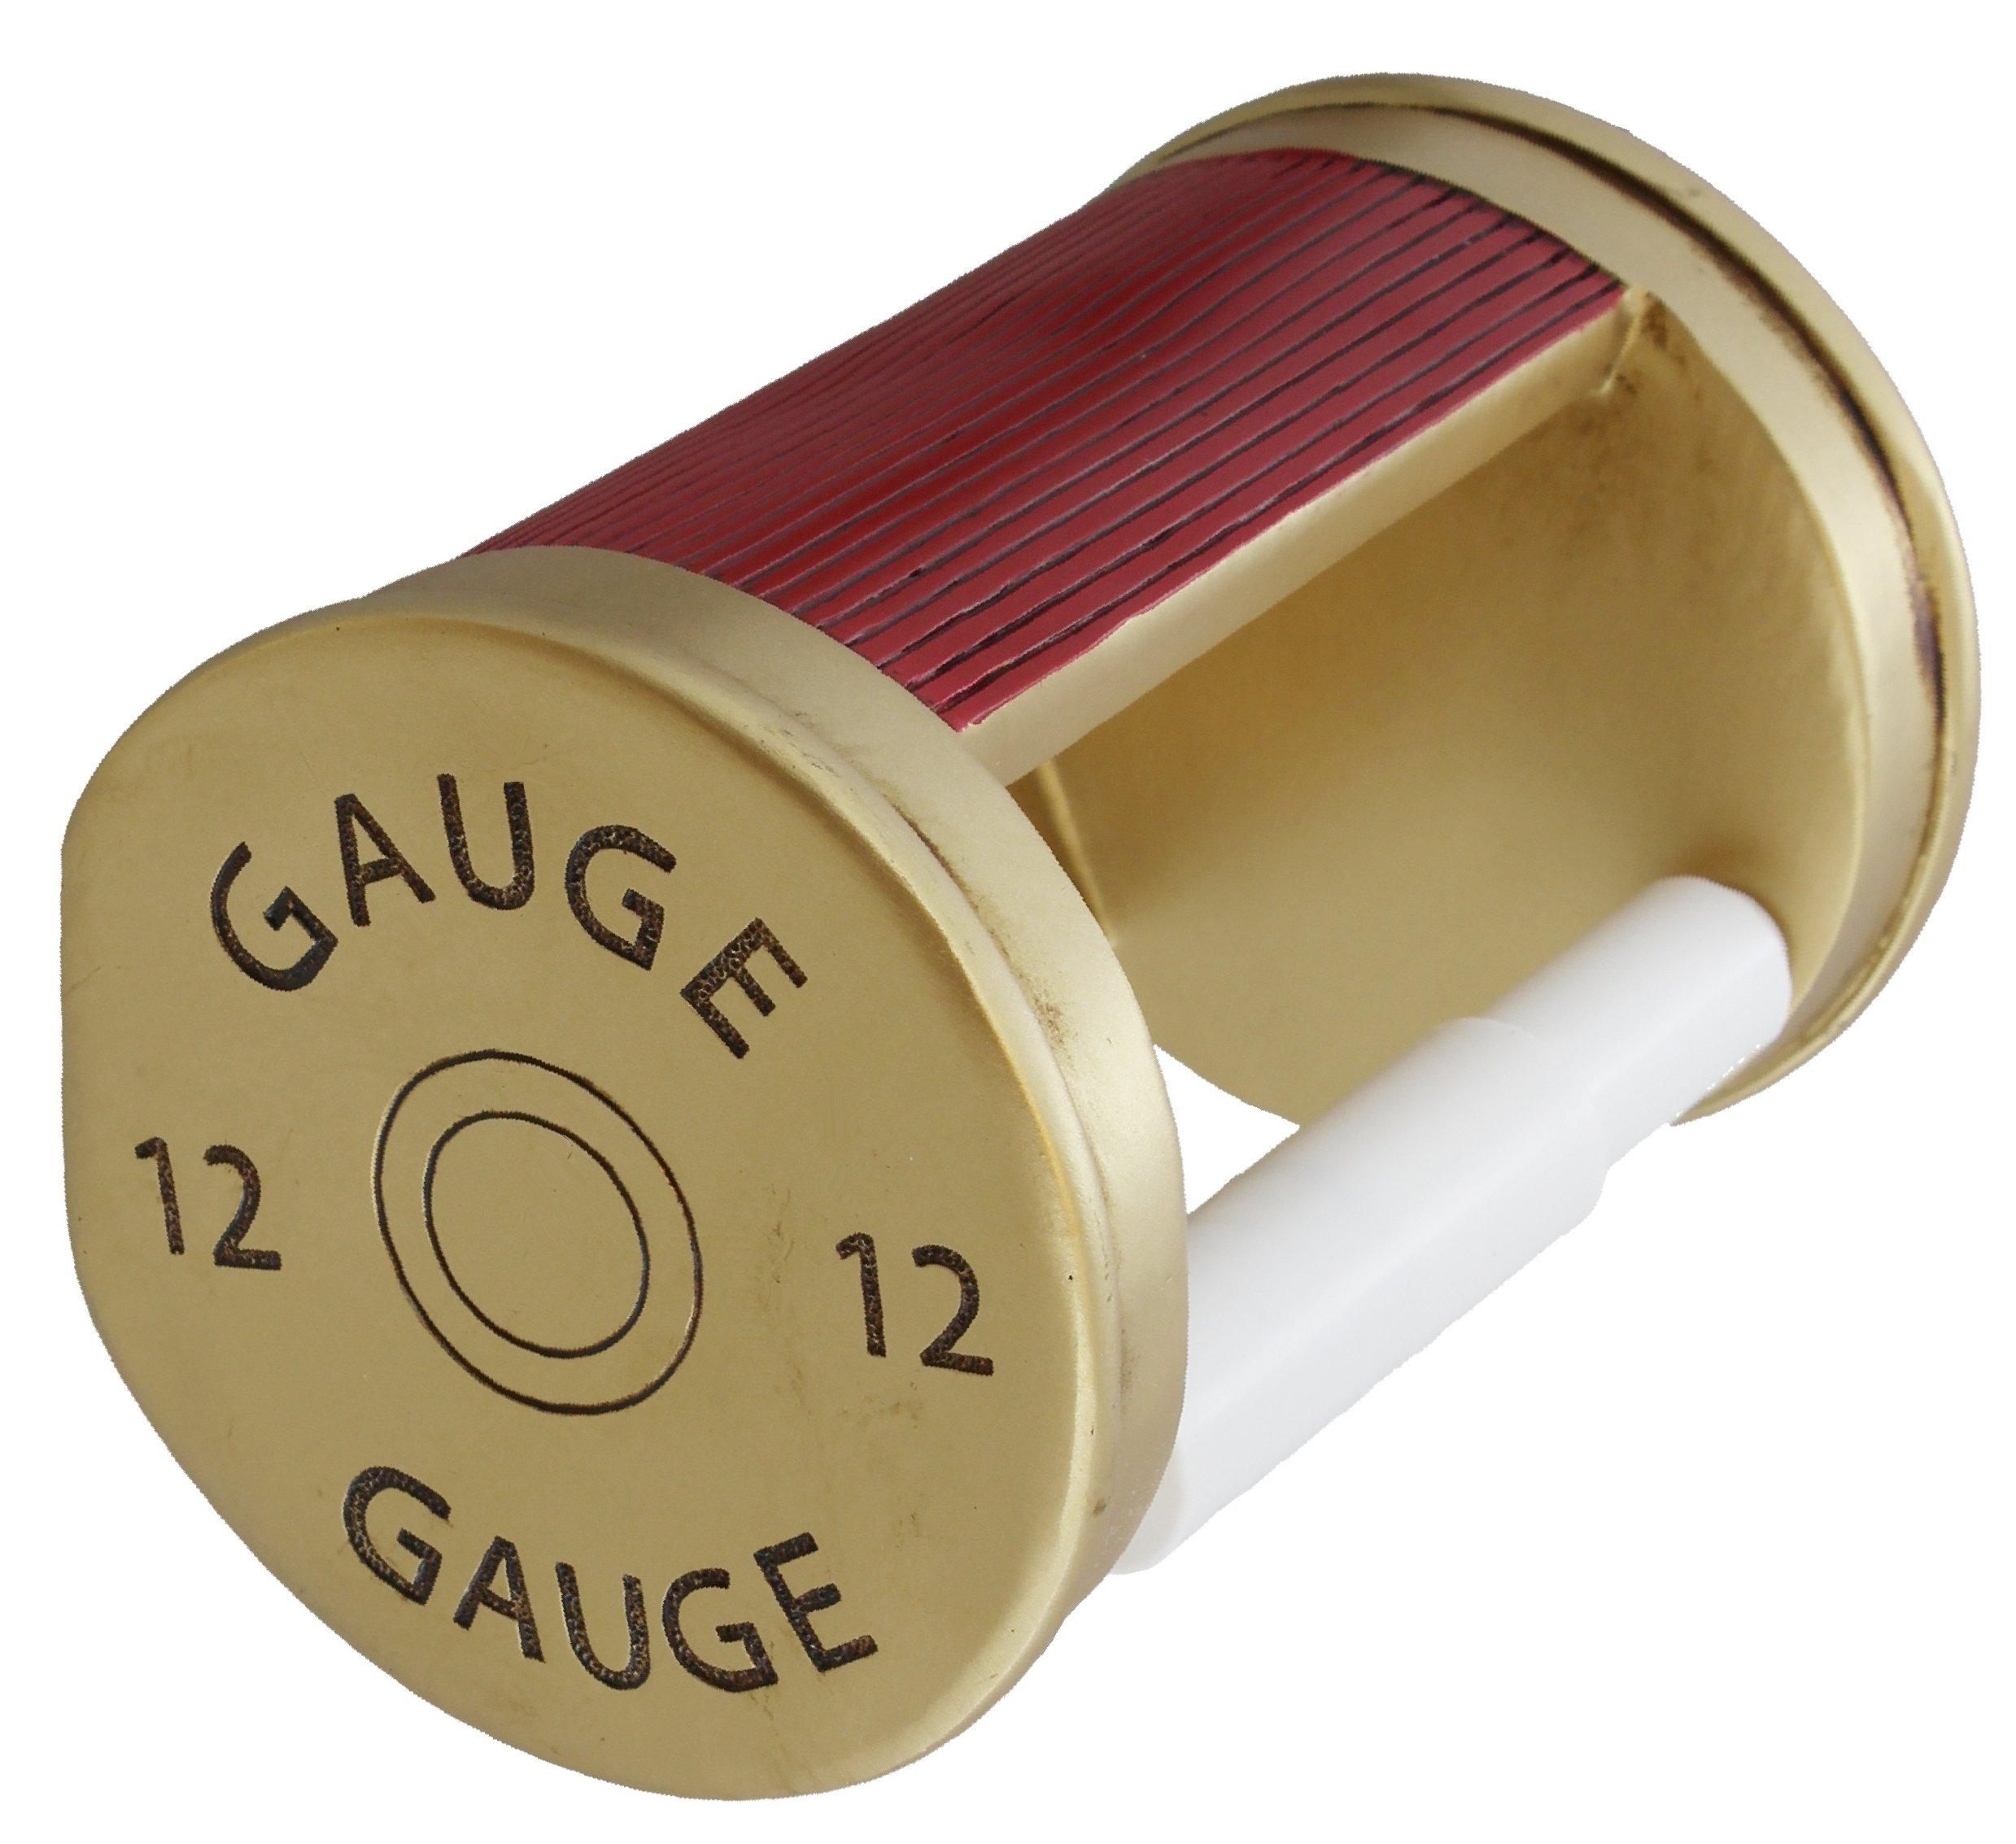 Old River Shotgun Toilet Paper Holder - 12 Gauge Shot Shell Bathroom Decor